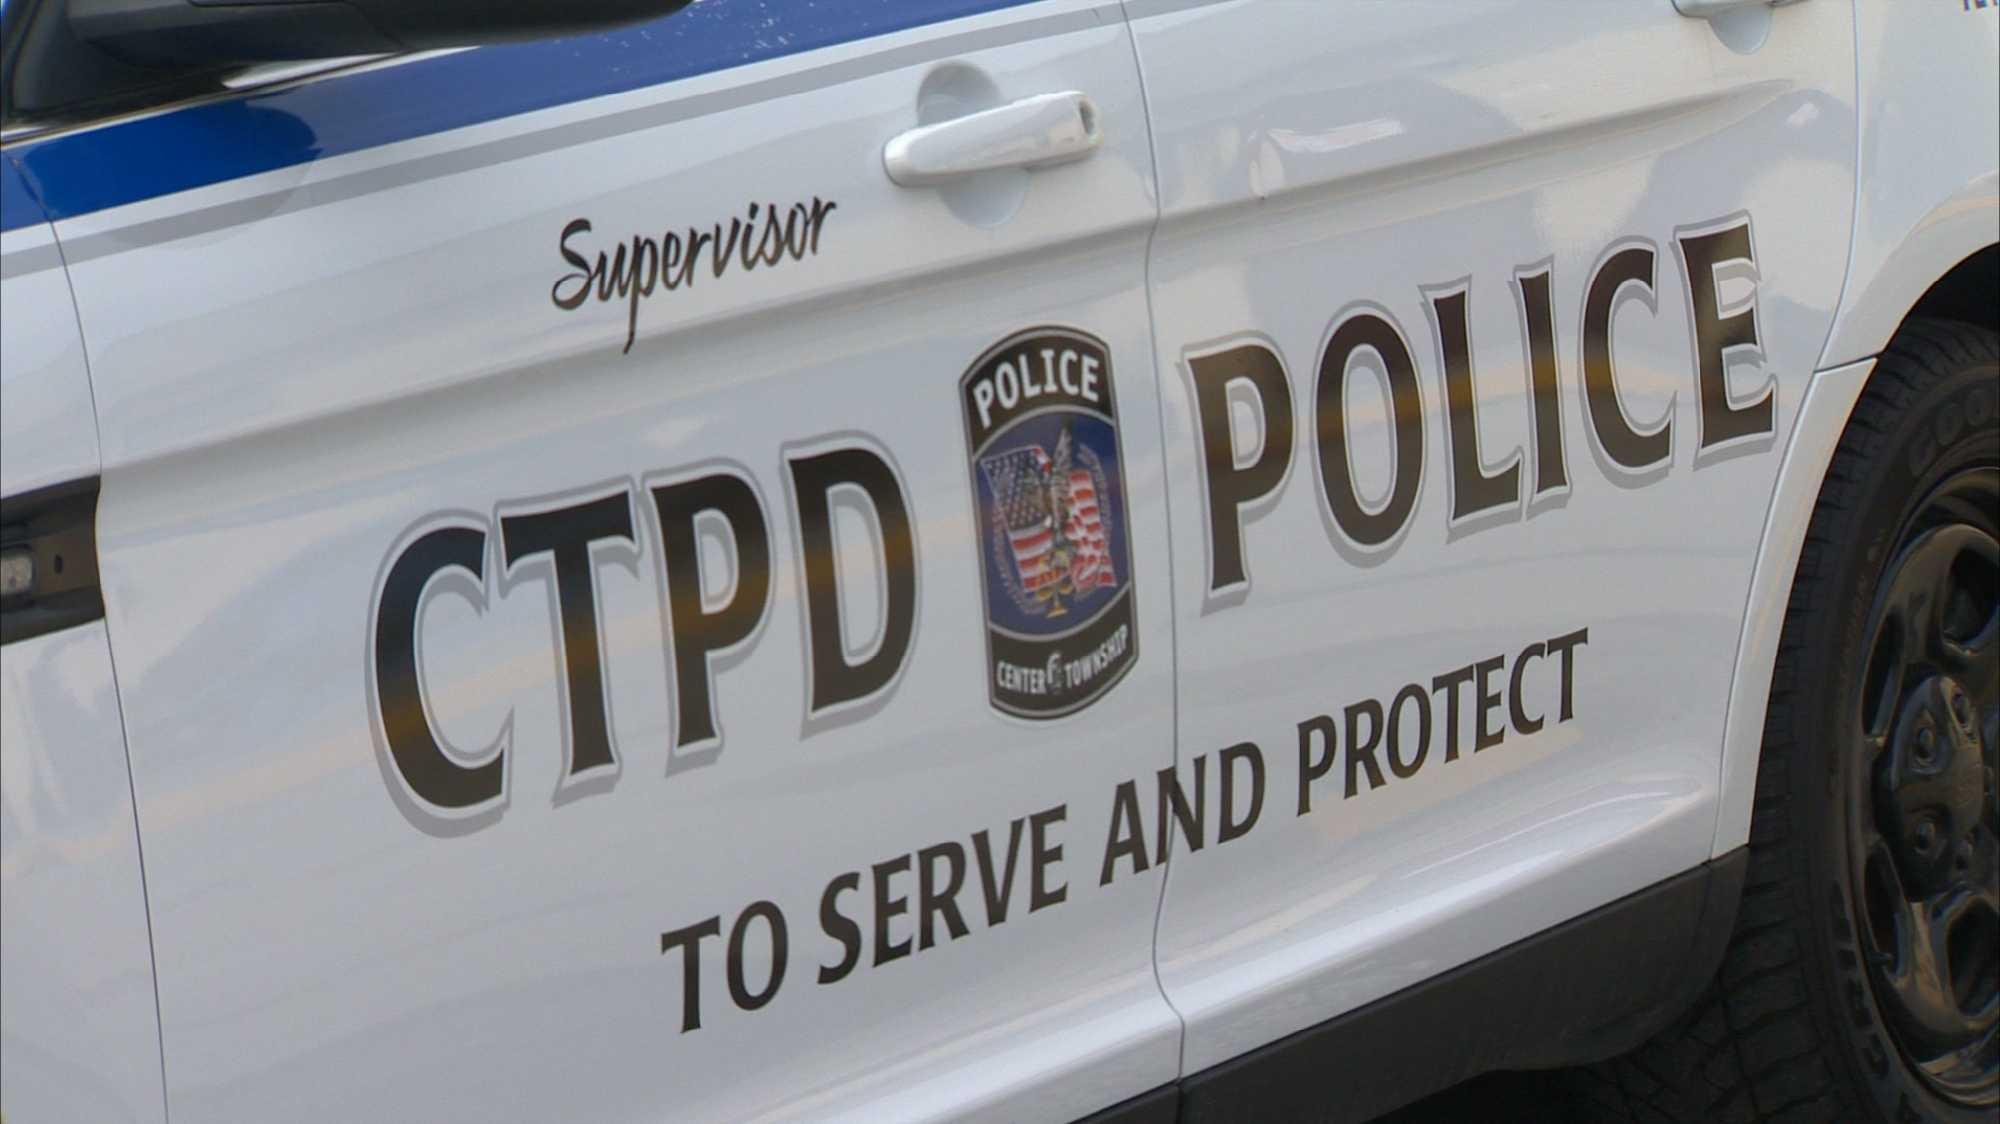 Center Township police